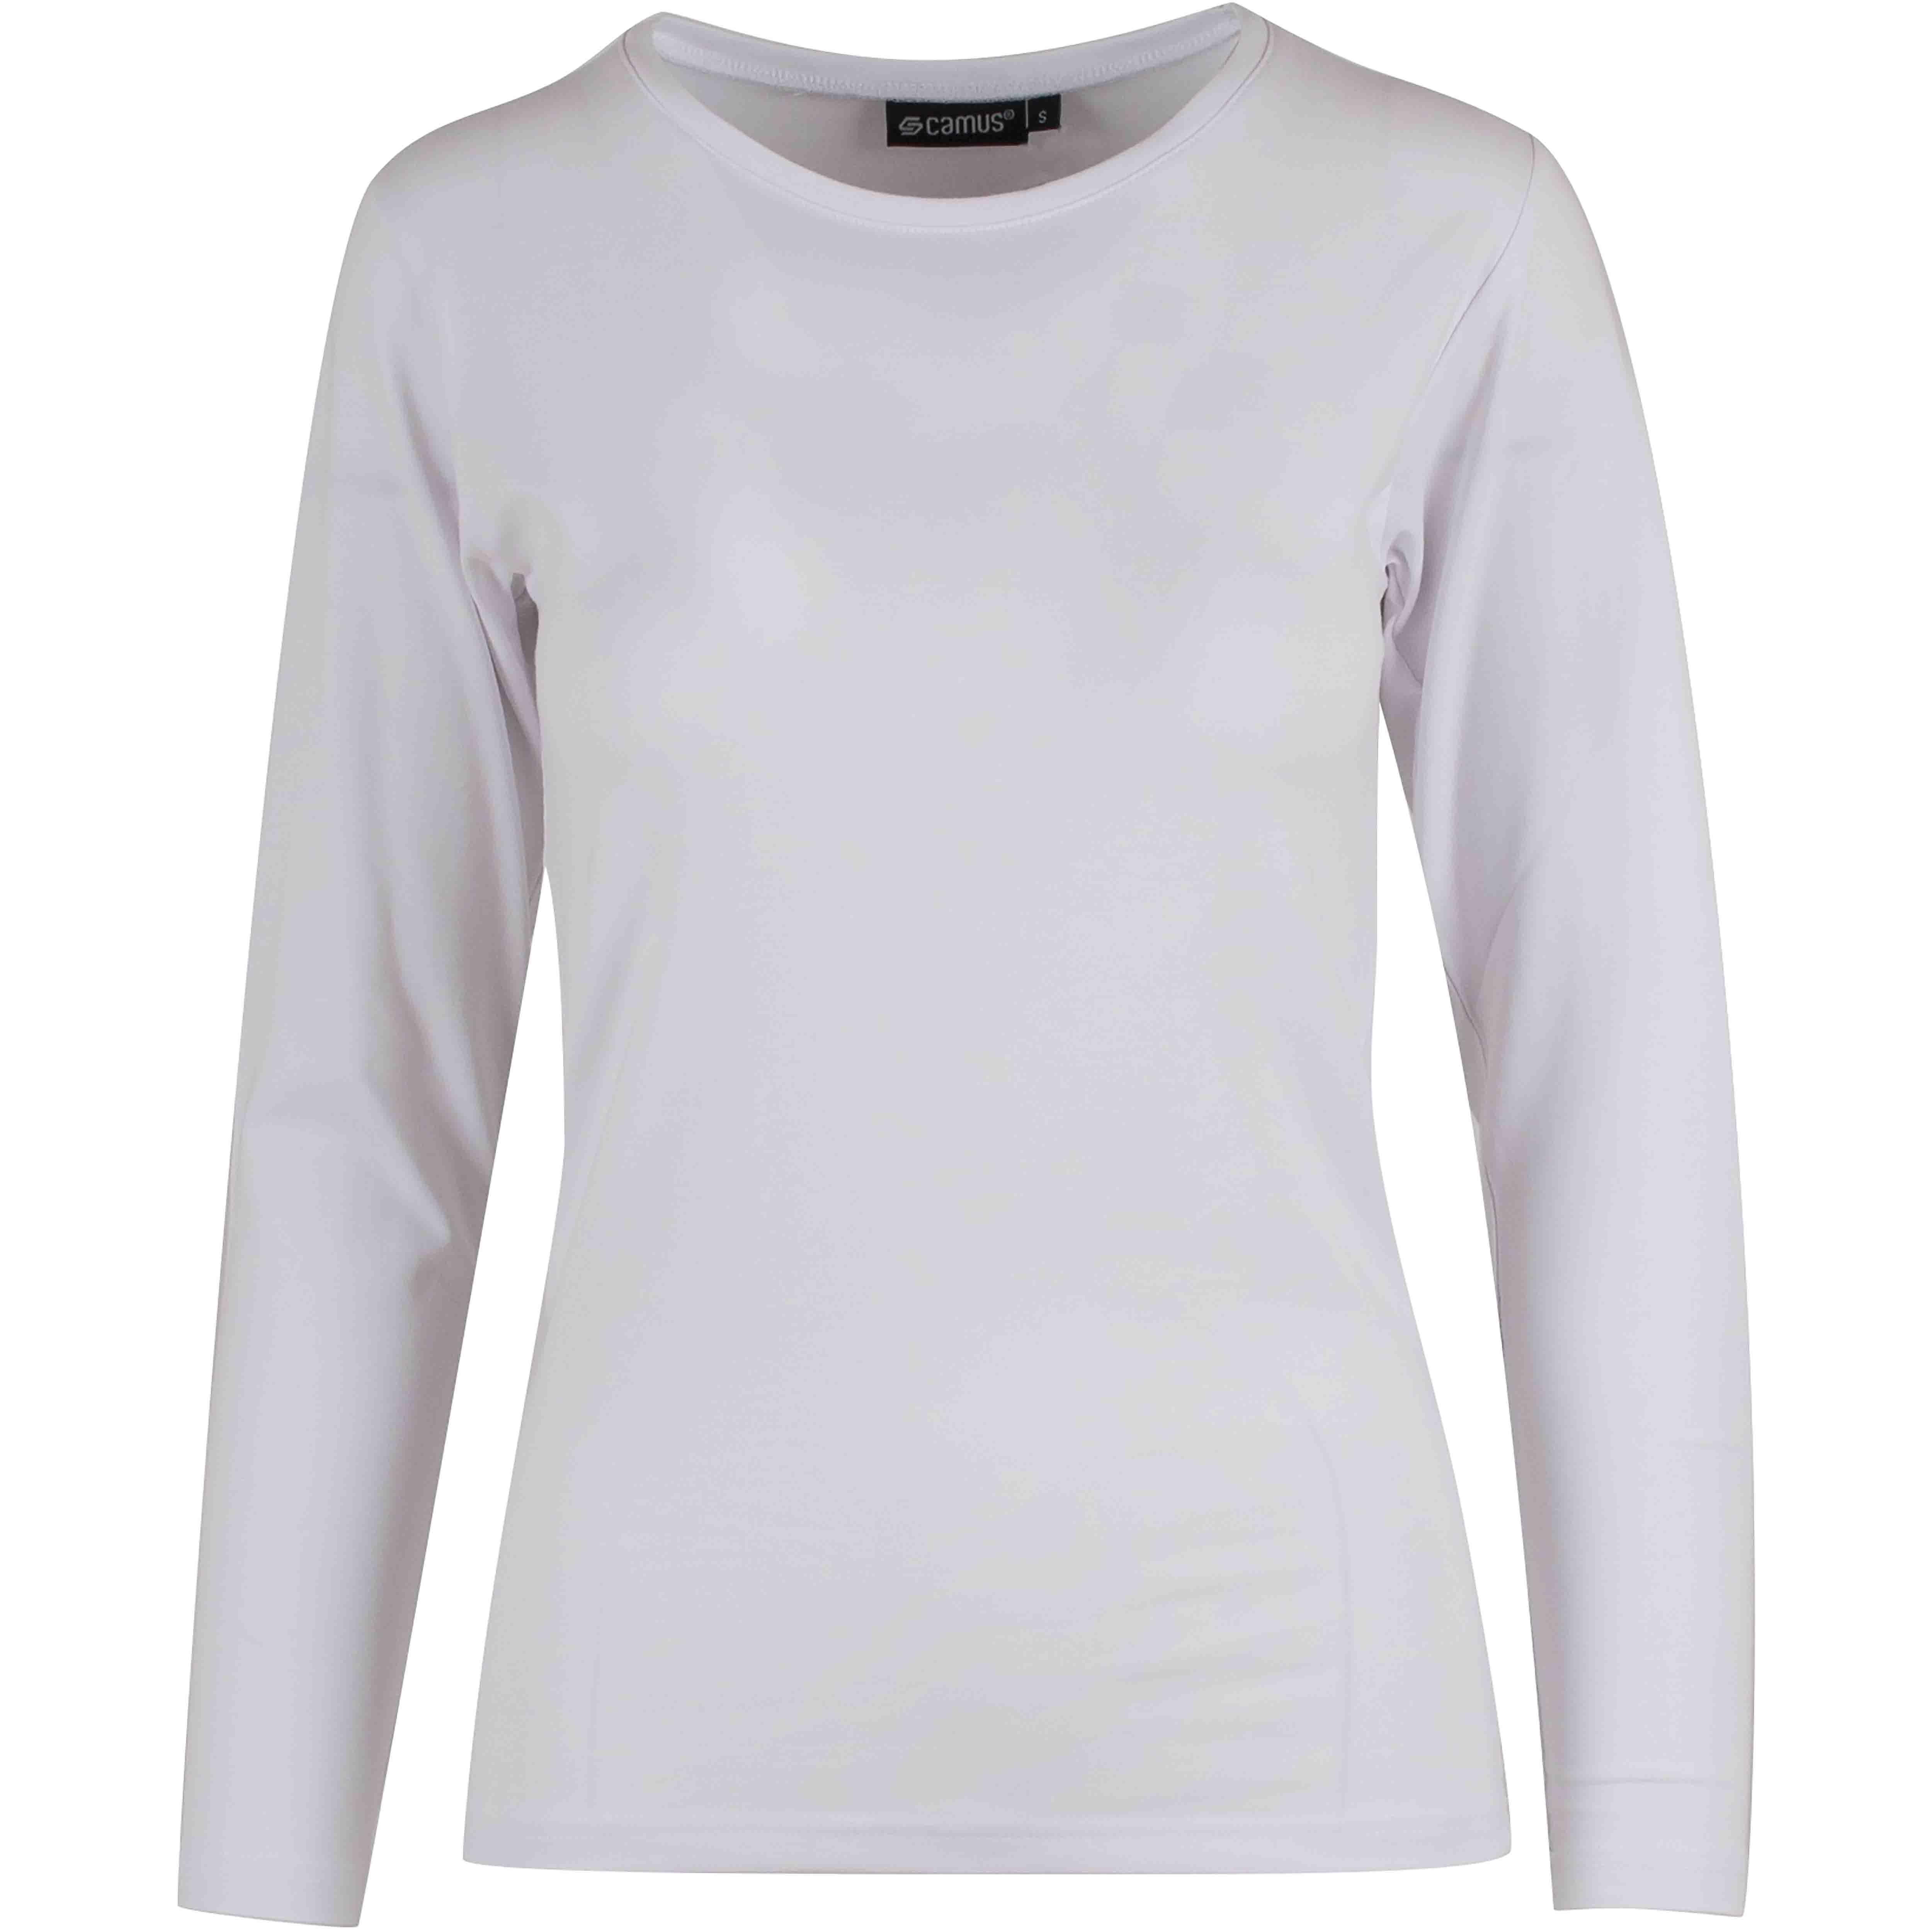 T-shirt model Varna